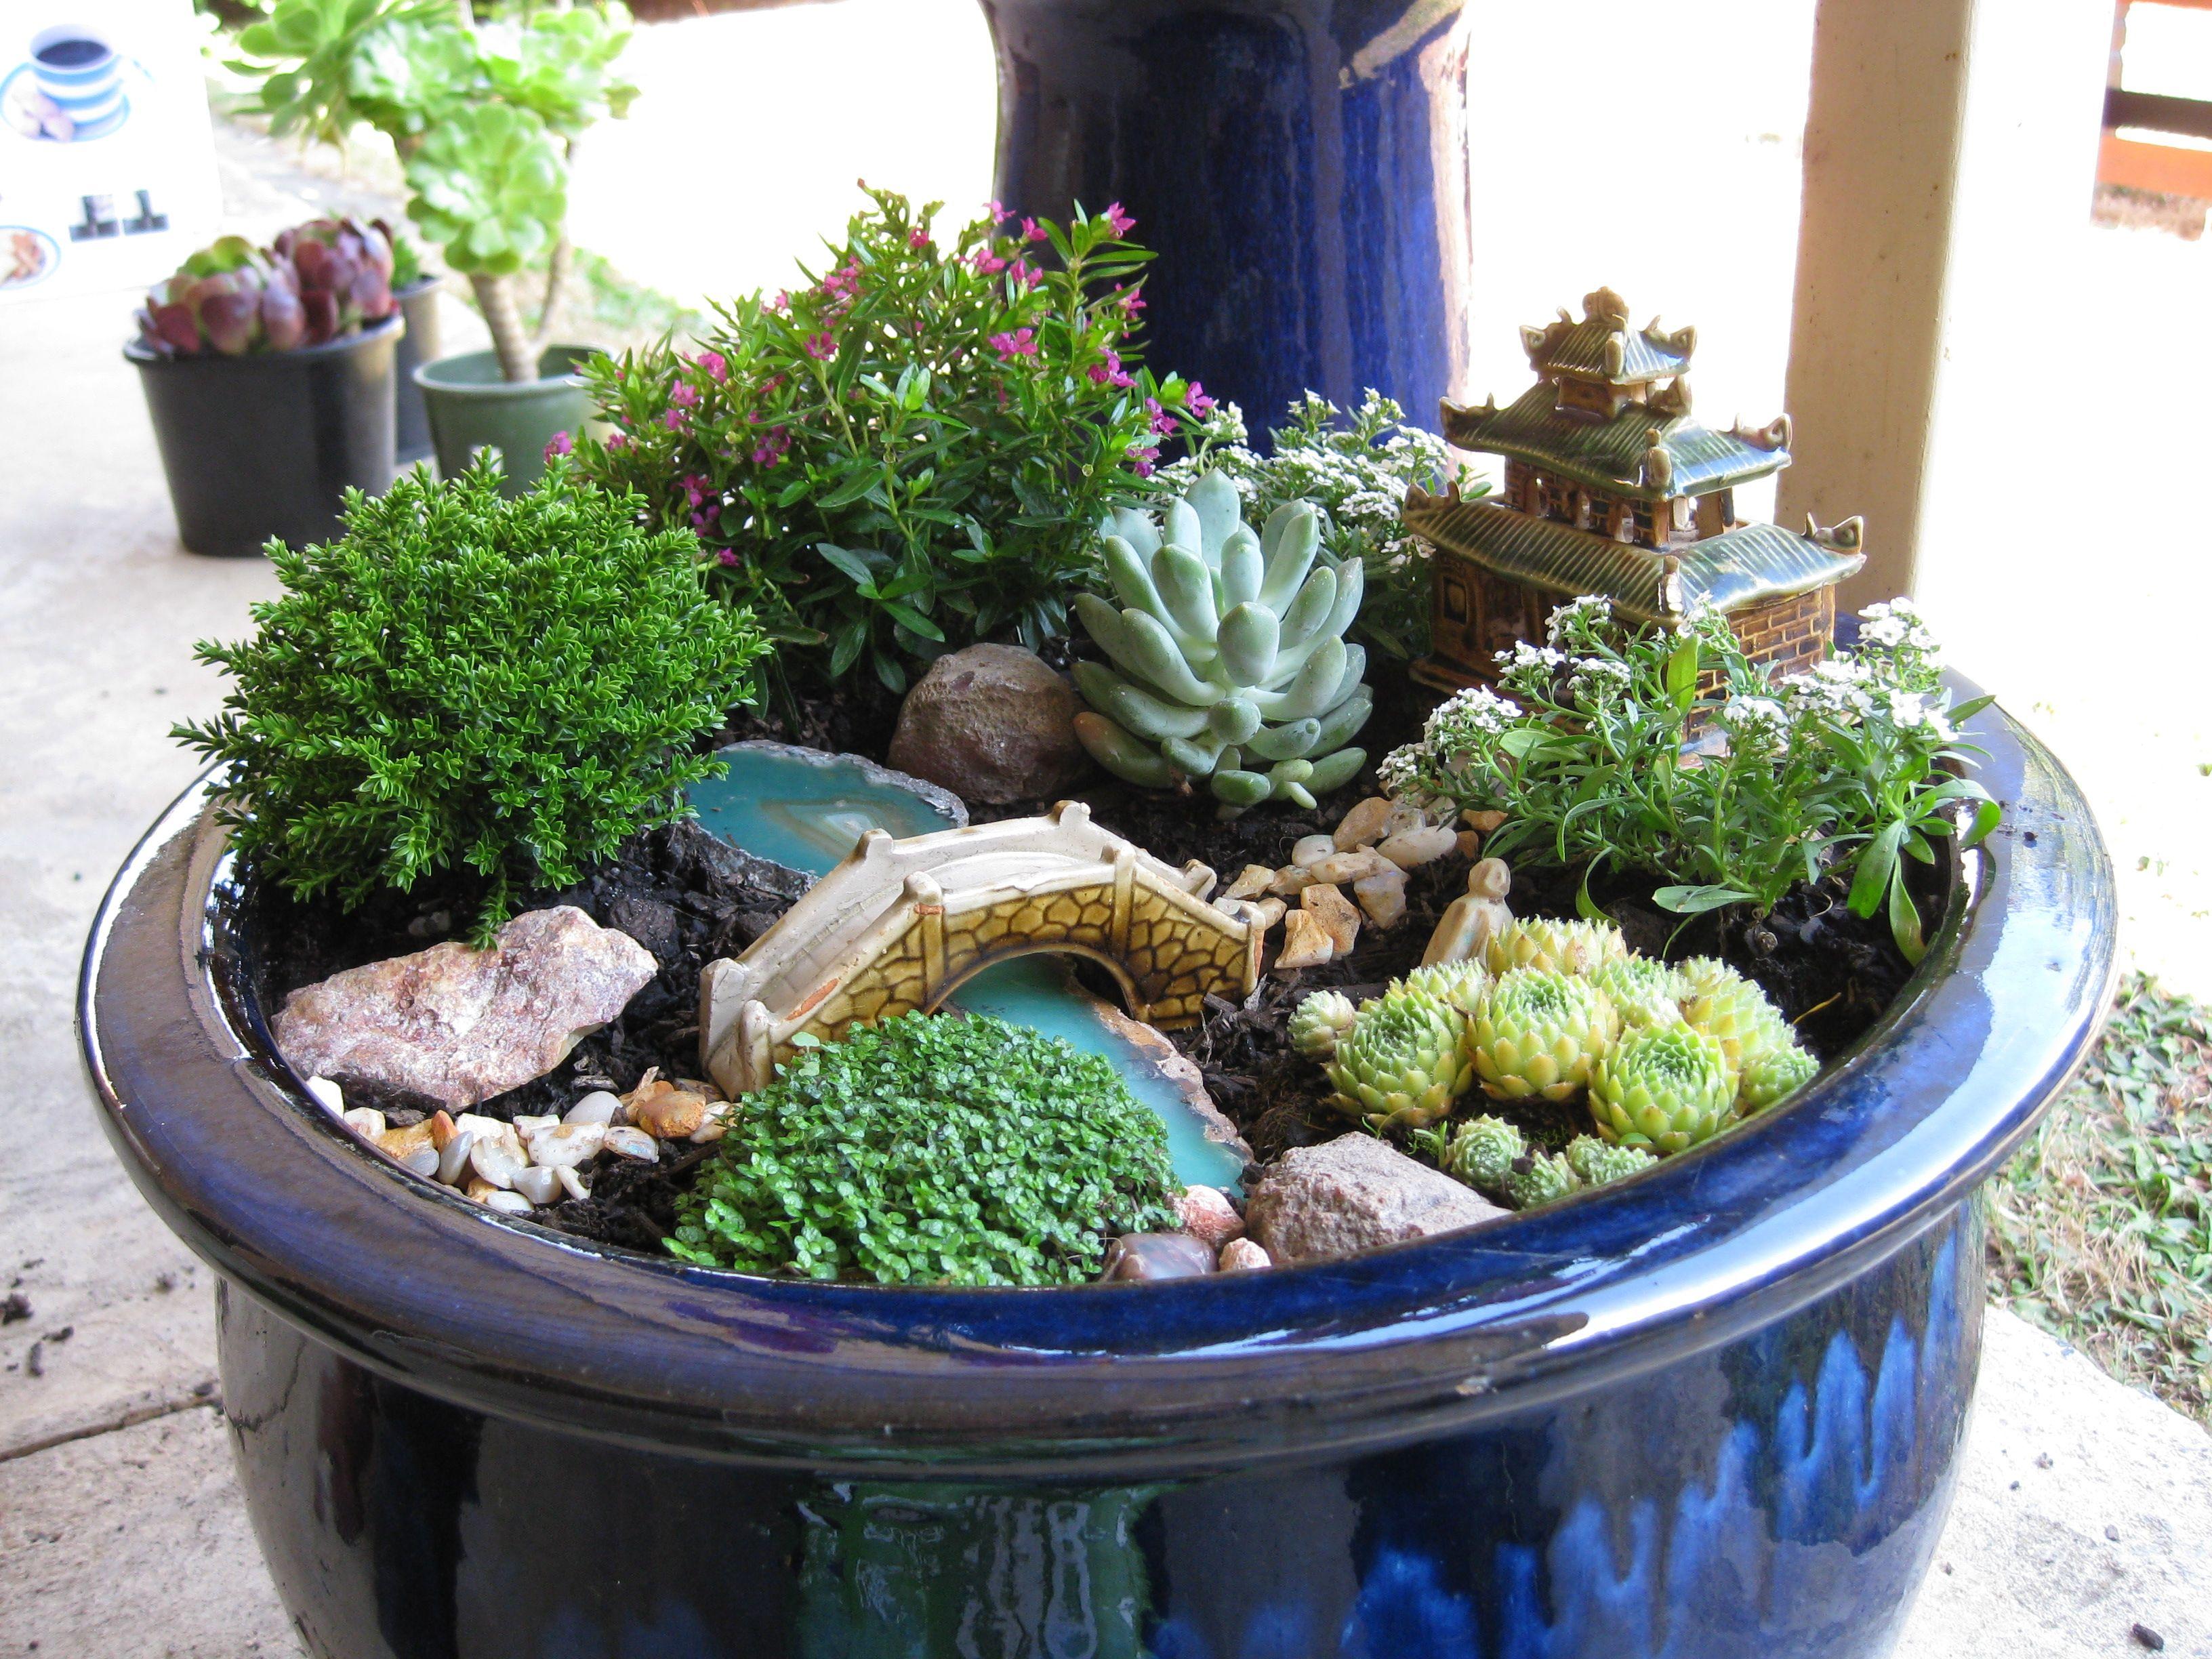 Fairy garden or gnome garden idea from a broken terra - Miniature plants for fairy gardens ...